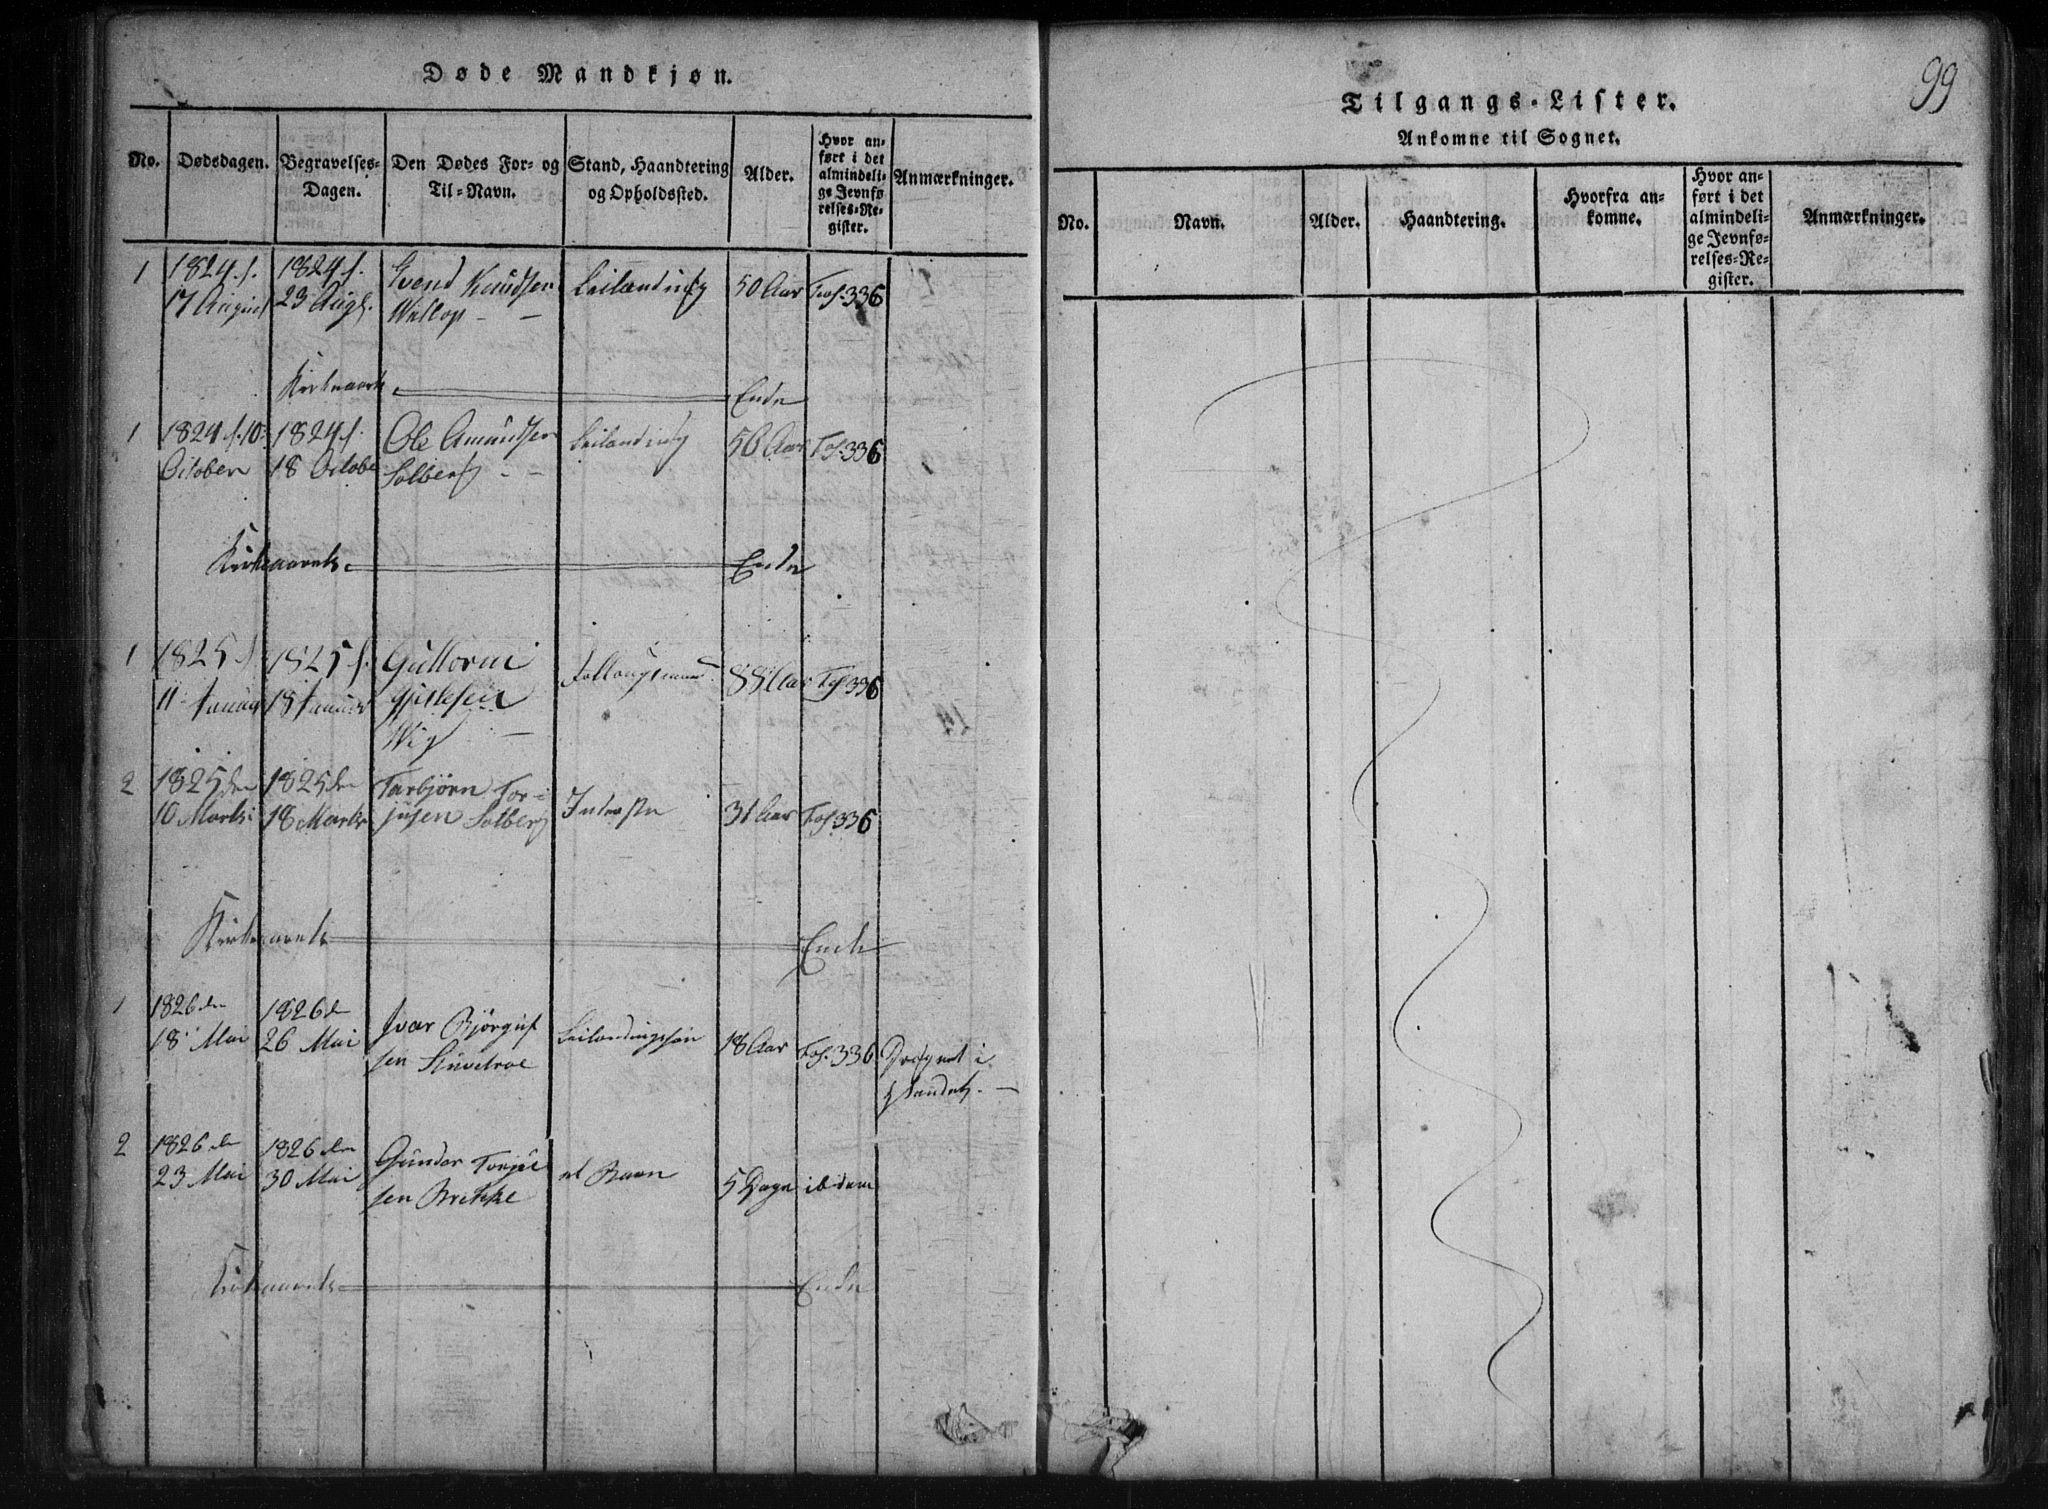 SAKO, Rauland kirkebøker, G/Gb/L0001: Klokkerbok nr. II 1, 1815-1886, s. 99